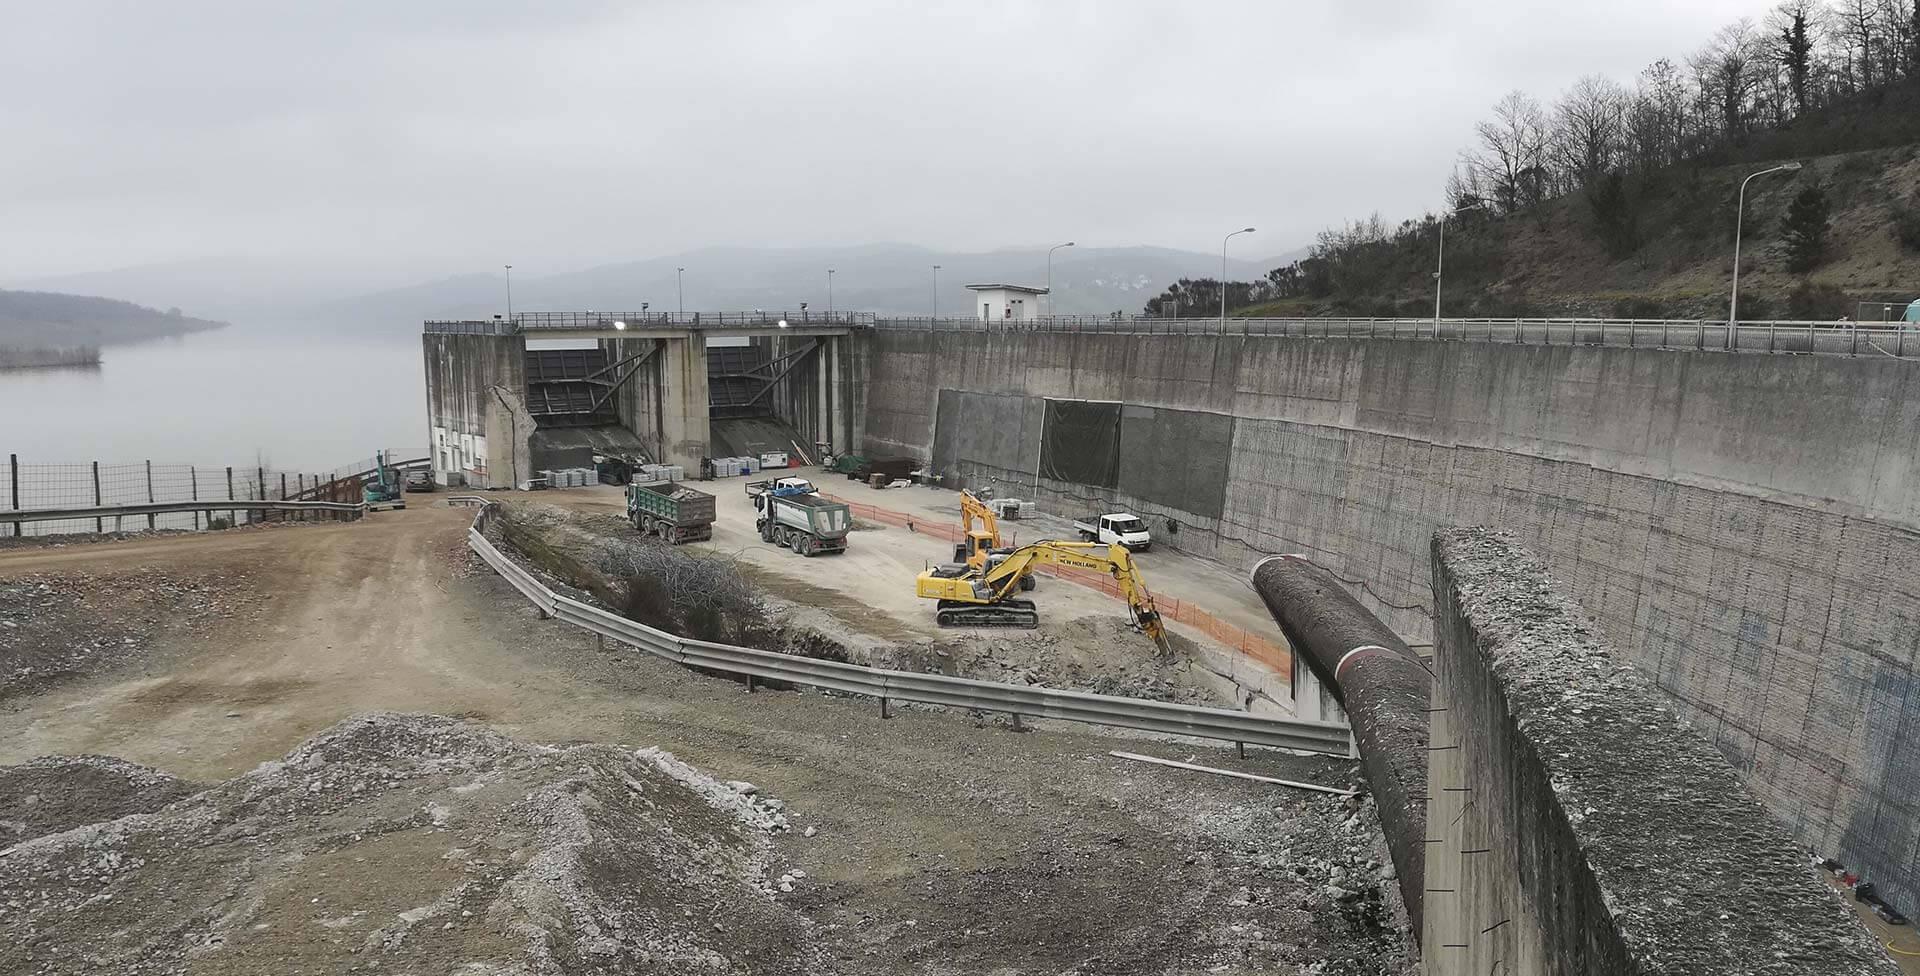 Interventi di ripristino delle strutture cementizie dello scarico di superficie della Diga di Montedoglio sul fiume Tevere